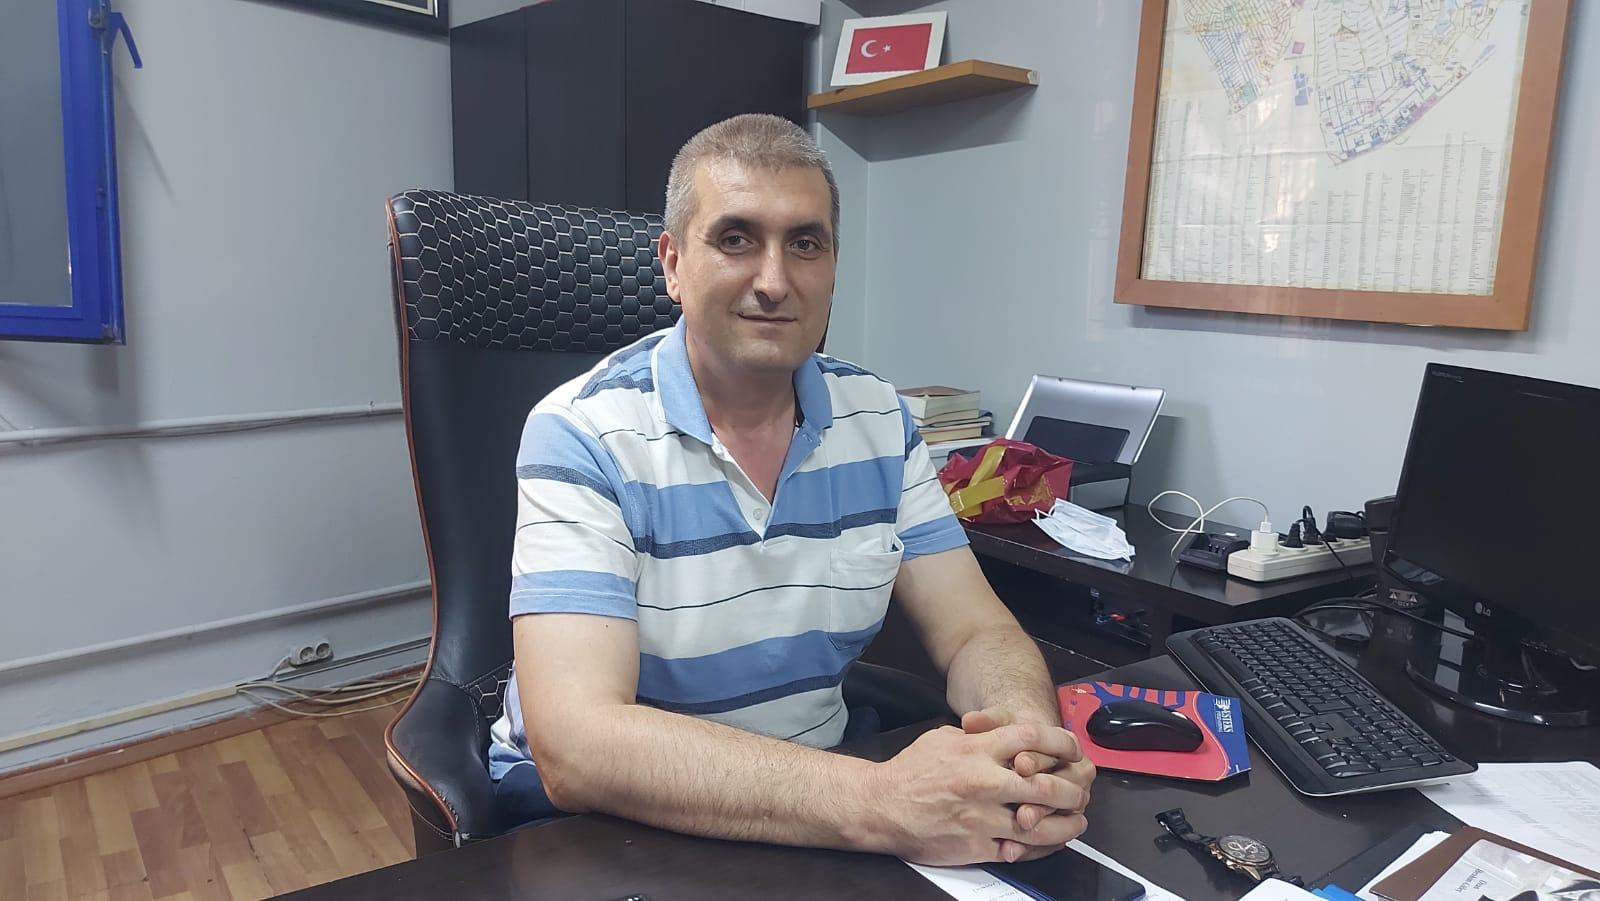 Teşekkürler Komiser Ayhan Keçili, Güngören sizi unutmayacak